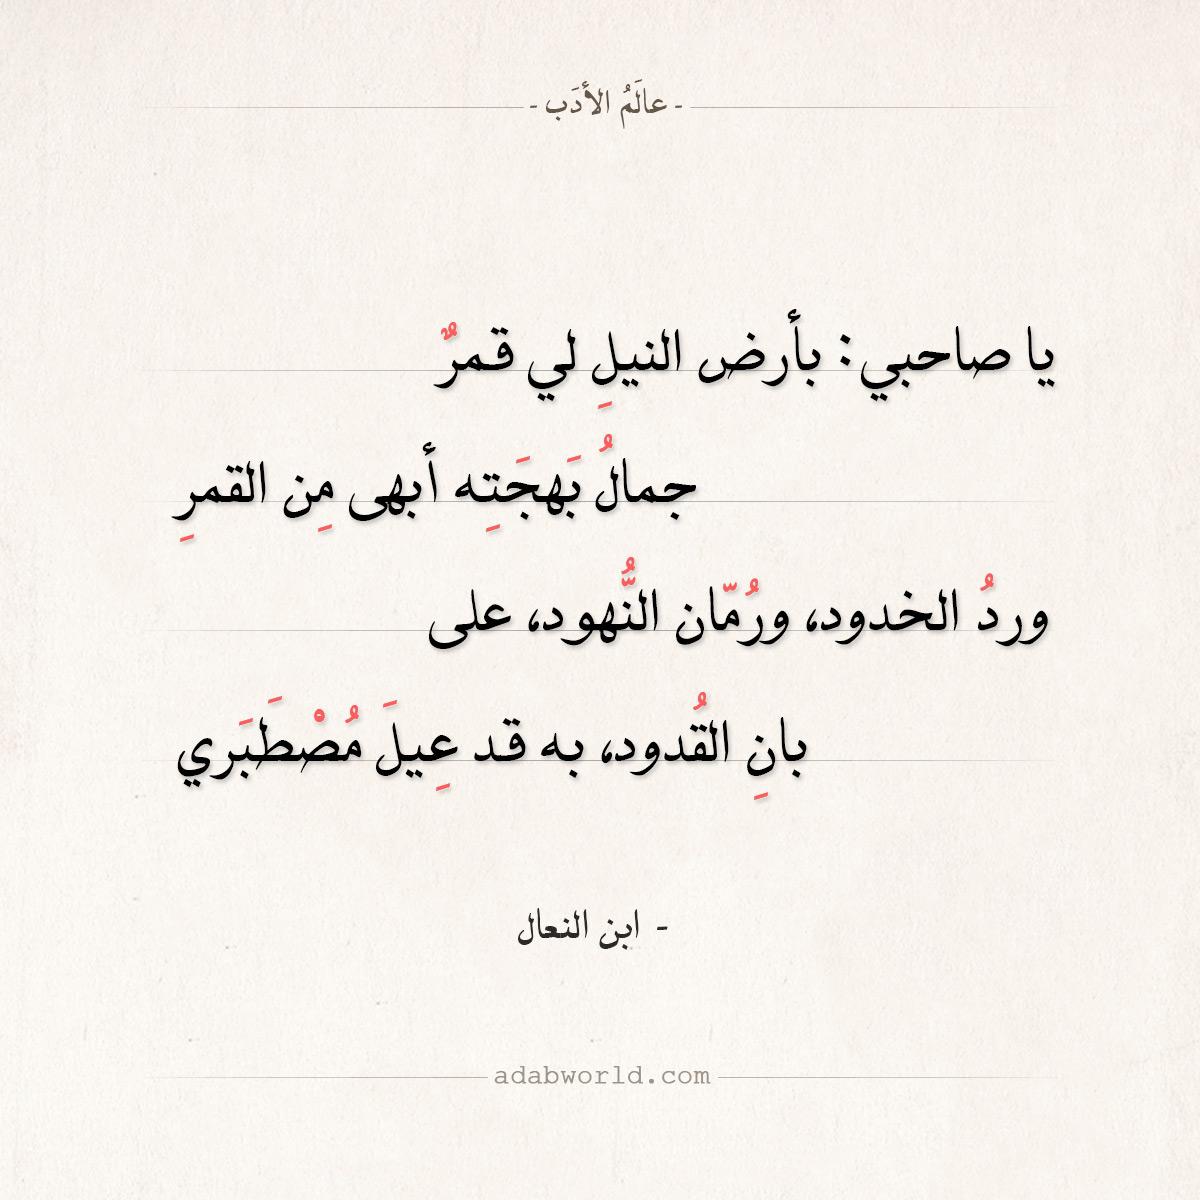 شعر ابن النعال - يا صاحبي بأرض النيل لي قمر